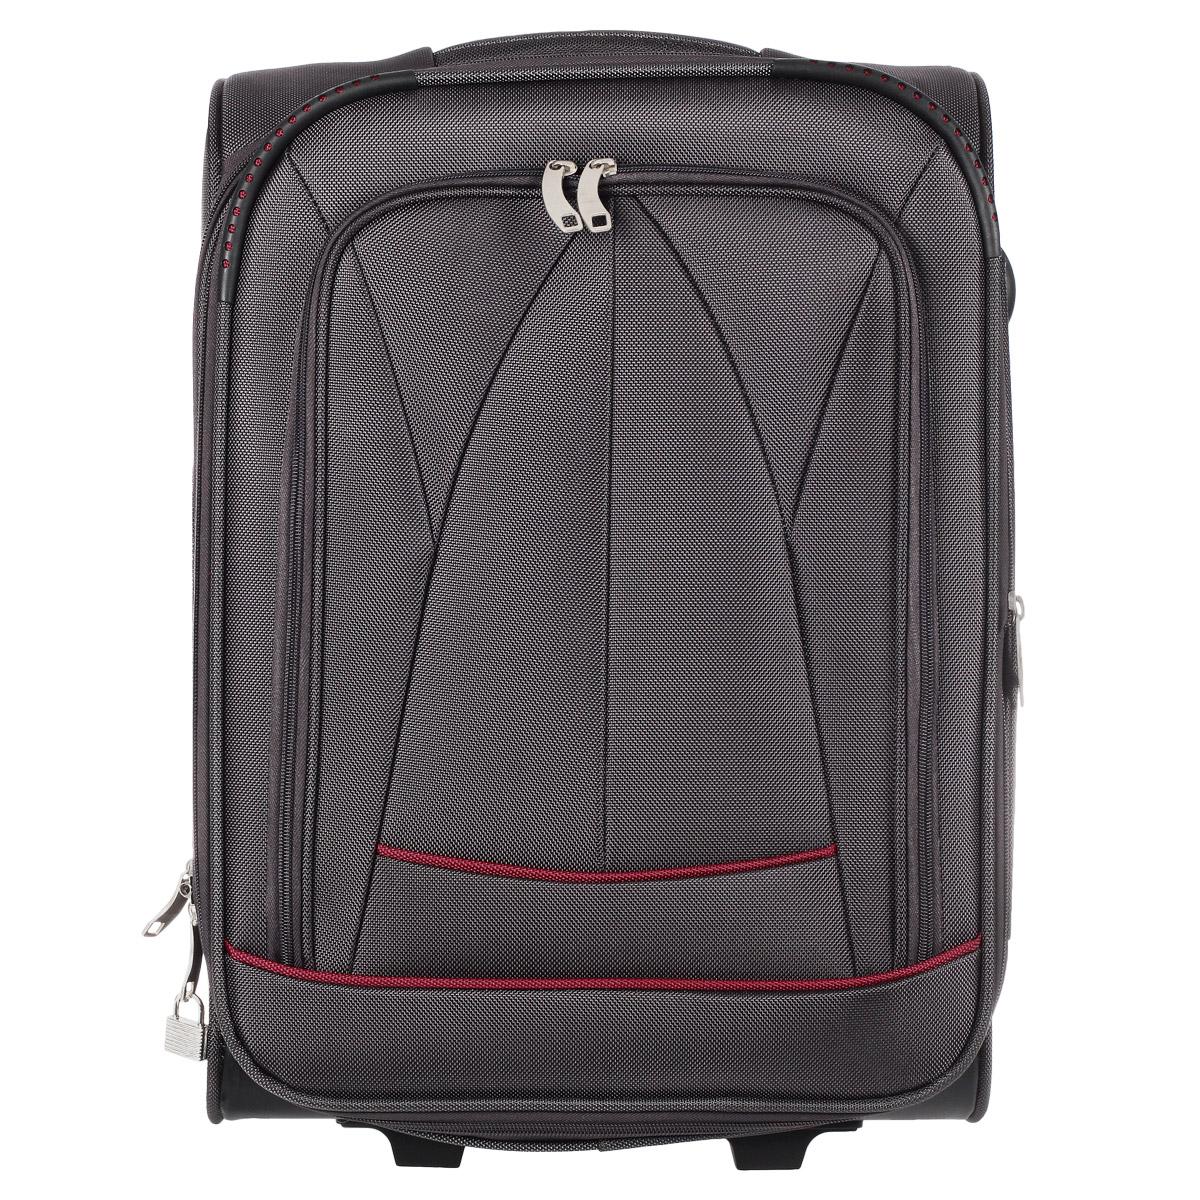 Чемодан на колесиках, высота 70 см, тканевый, цвет: серый, красныйER/ET1401_3Чемодан-тележка на двух колесах идеально подходит для поездок и путешествий. Чемодан изготовлен из полиэстера серого цвета с красными вставками. Чемодан имеет одно отделение для хранения одежды и аксессуаров, которое закрывается на застежку-молнию с двумя бегунками. К бегункам крепится навесной замок (два ключа поставляются в комплекте). Объем отделения можно увеличить. Внутри содержится вшитый сетчатый карман на молнии, а также багажные ремни для фиксации. Внутренняя поверхность изделия отделана полиэстером красного цвета. На передней стенке с лицевой стороны расположен карман на молнии. На задней стенке имеется вставка с карточкой для записи имени, адреса и номера телефона. Чемодан оснащен двумя колесиками и двумя пластиковыми ножками для большей устойчивости. Удобная телескопическая ручка выдвигается нажатием на кнопку. На одной из боковых сторон предусмотрены пластиковые ножки, на другой - удобная ручка для временного переноса. В верхней части чемодана также предусмотрена...